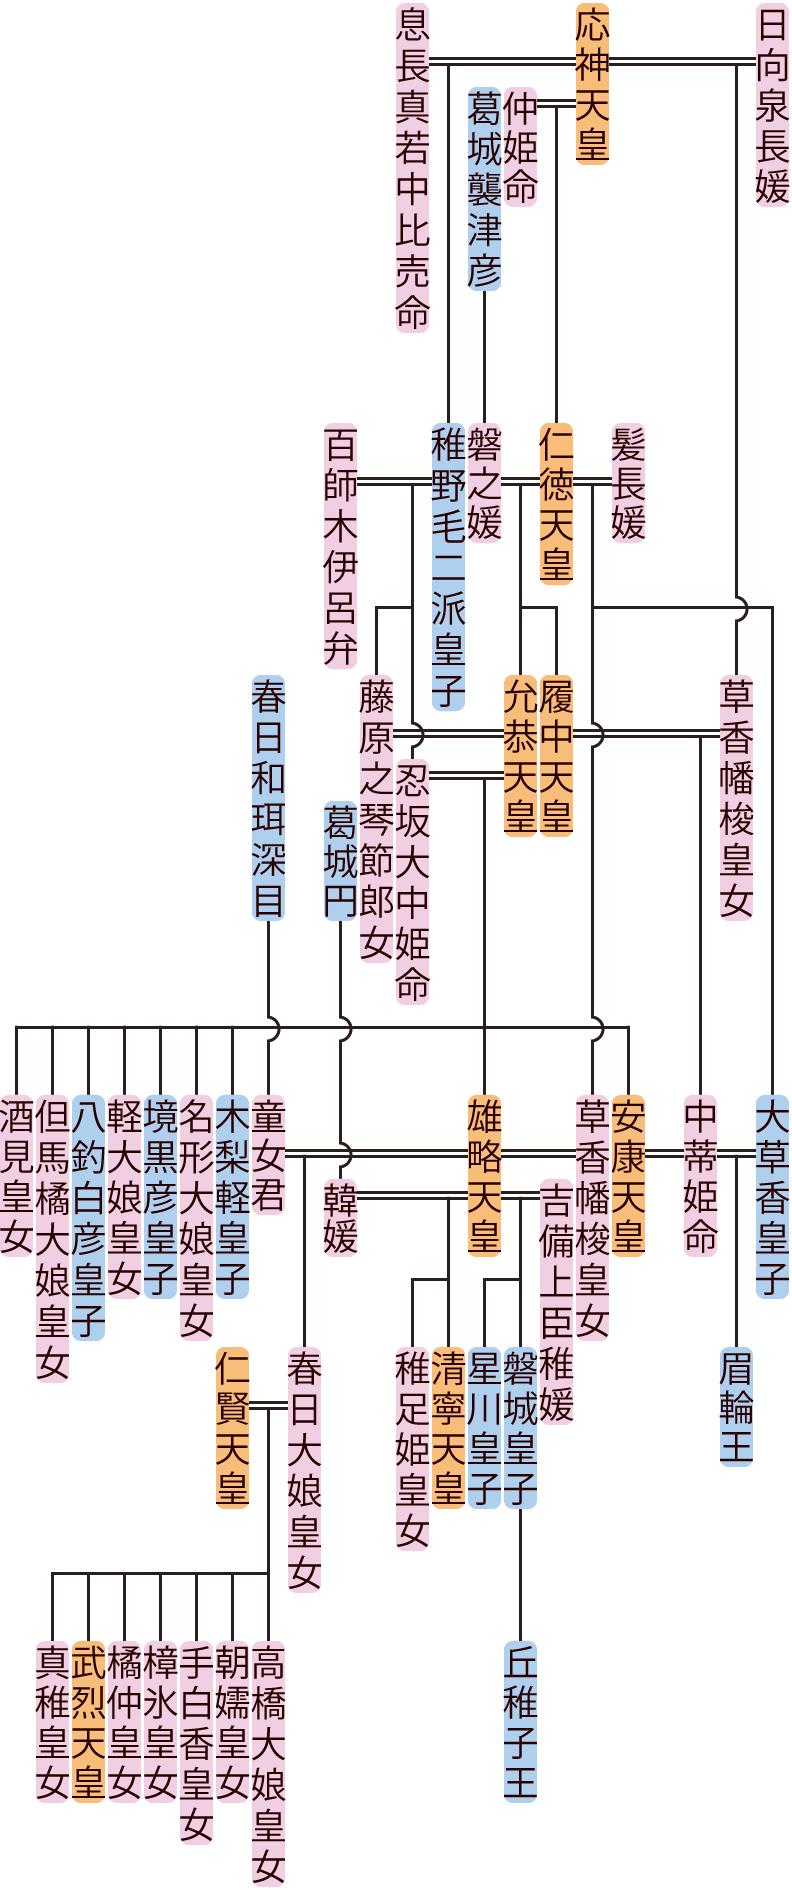 允恭天皇~清寧天皇の系図